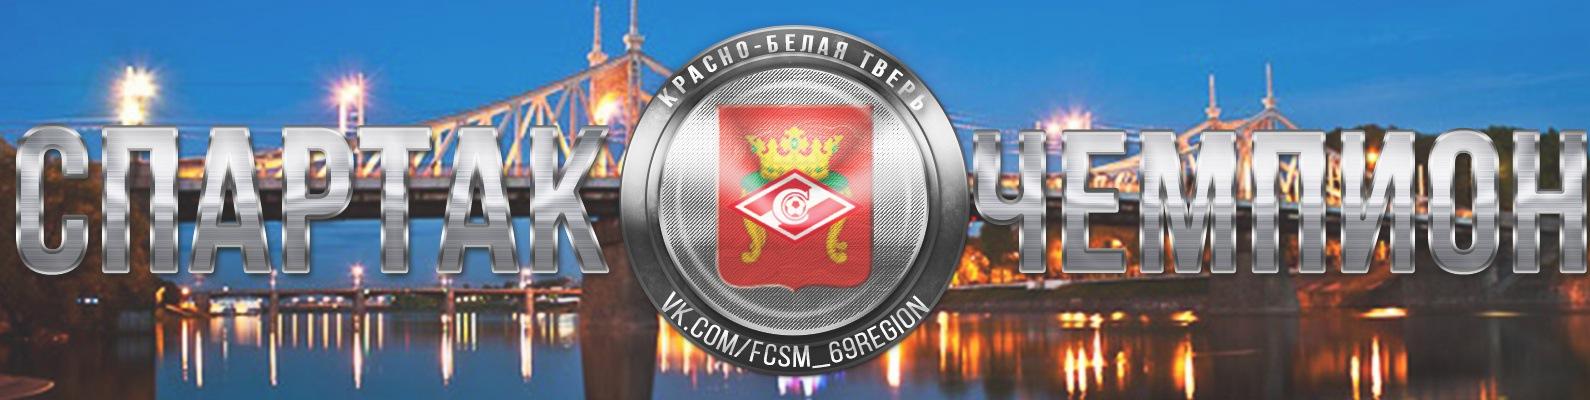 Сайт фанатов великого футбольного клуба спартак москва футбольный клуб в текстильщиках москва